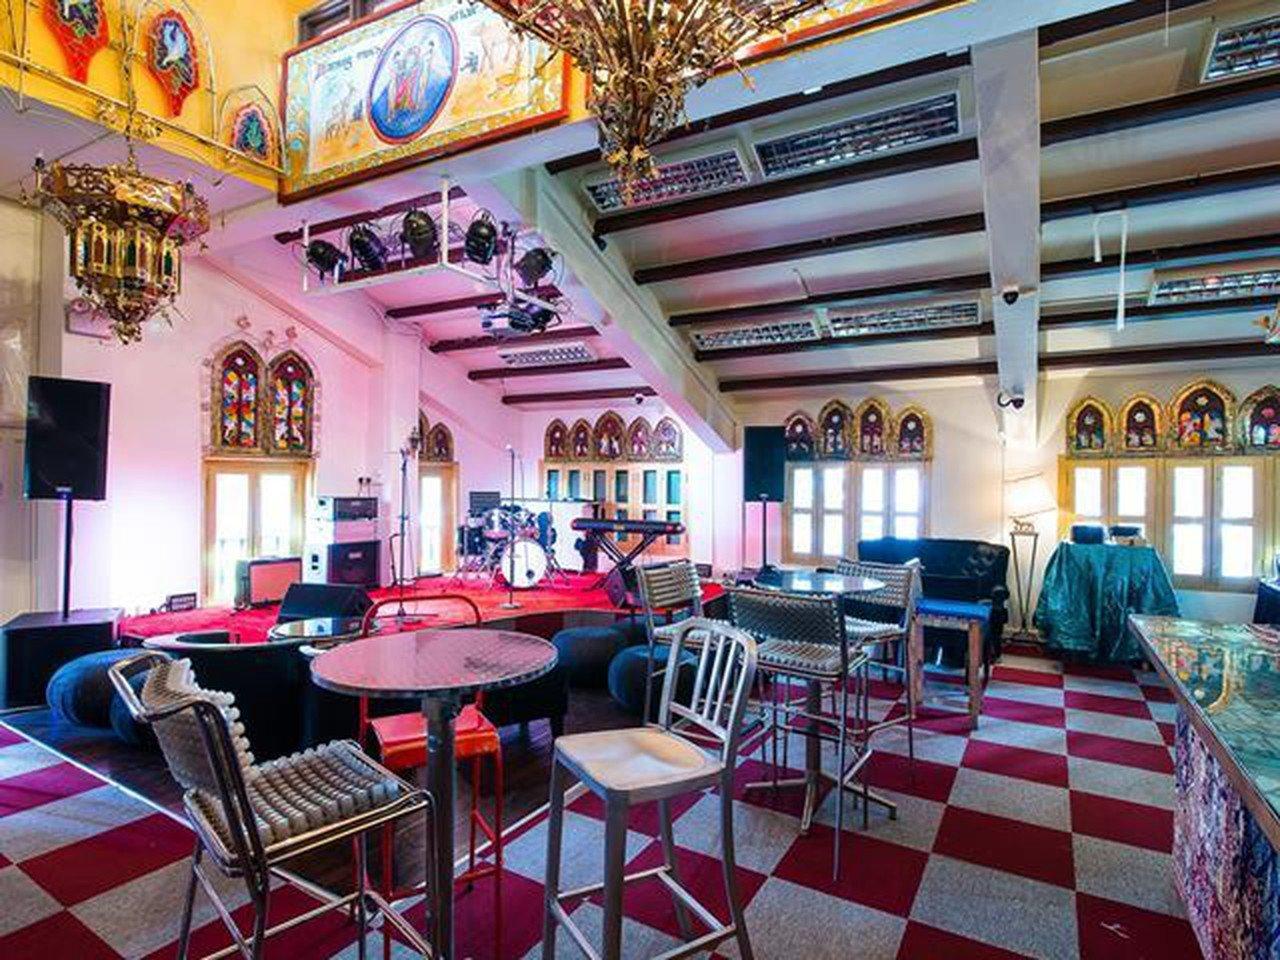 Rest der Welt workshop spaces Restaurant Blujaz Cafe image 0